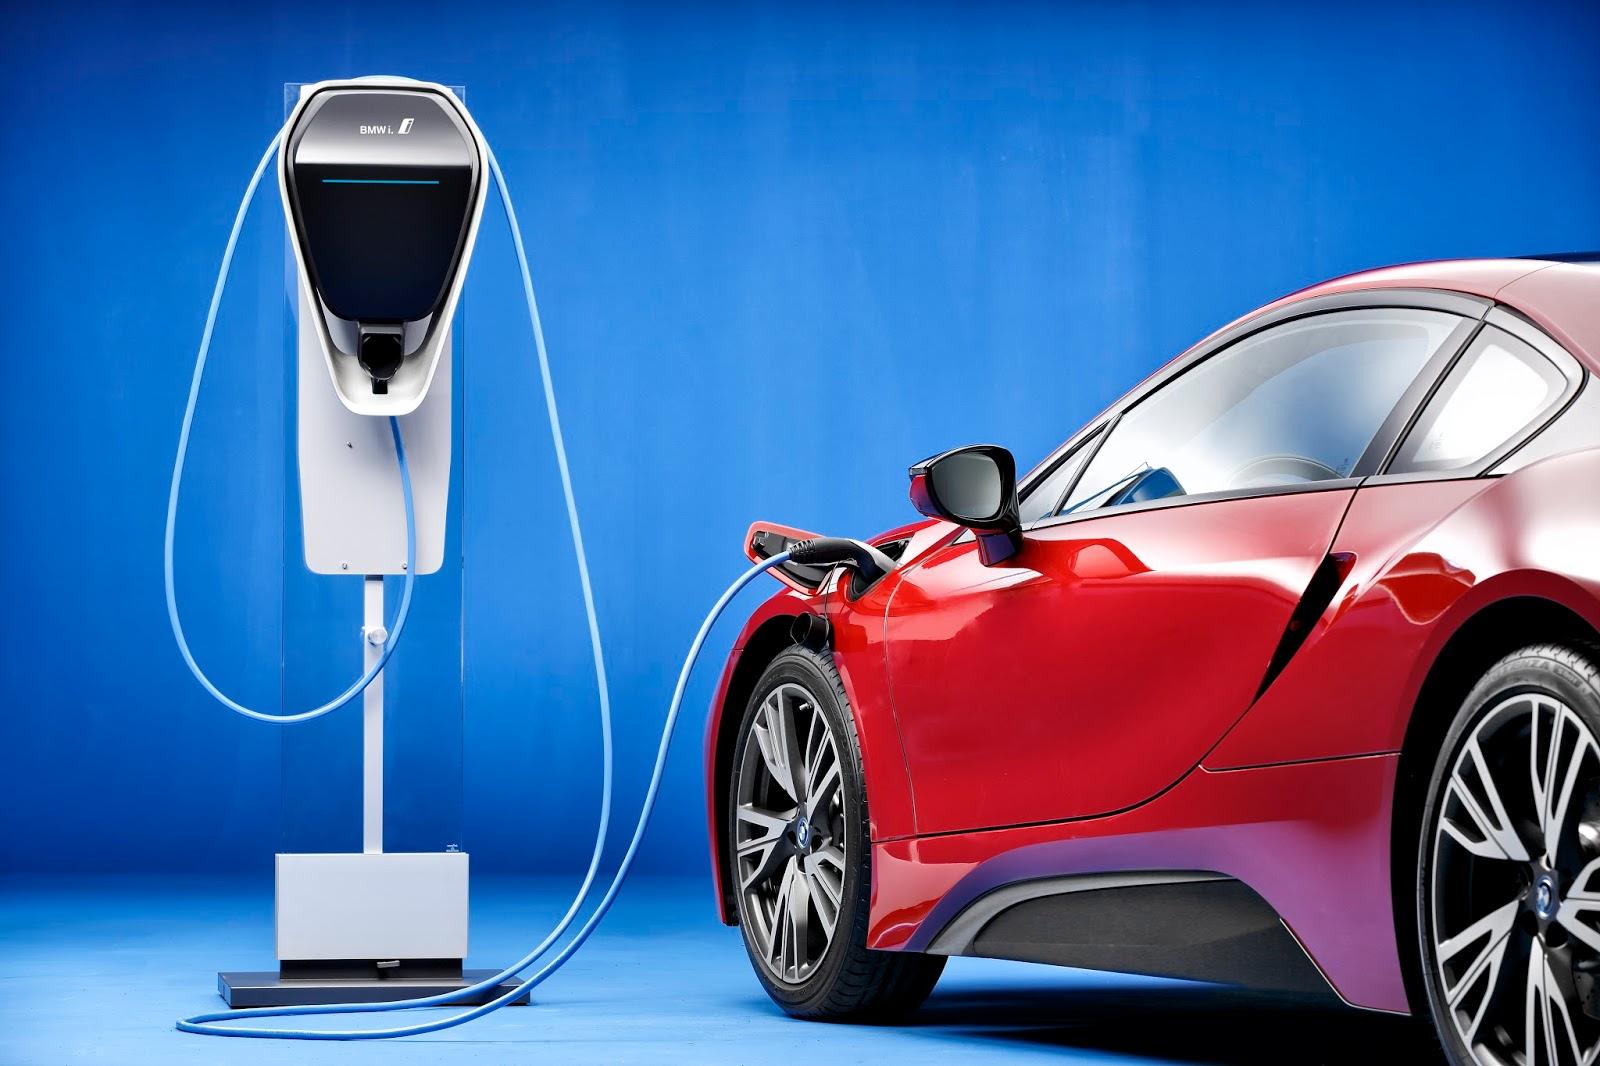 P90216962 highRes bmw i8 protonic red Μεγαλύτερη αυτονομία για το i3 της BMW BMW, BMW i, BMW i3, car, Electric cars